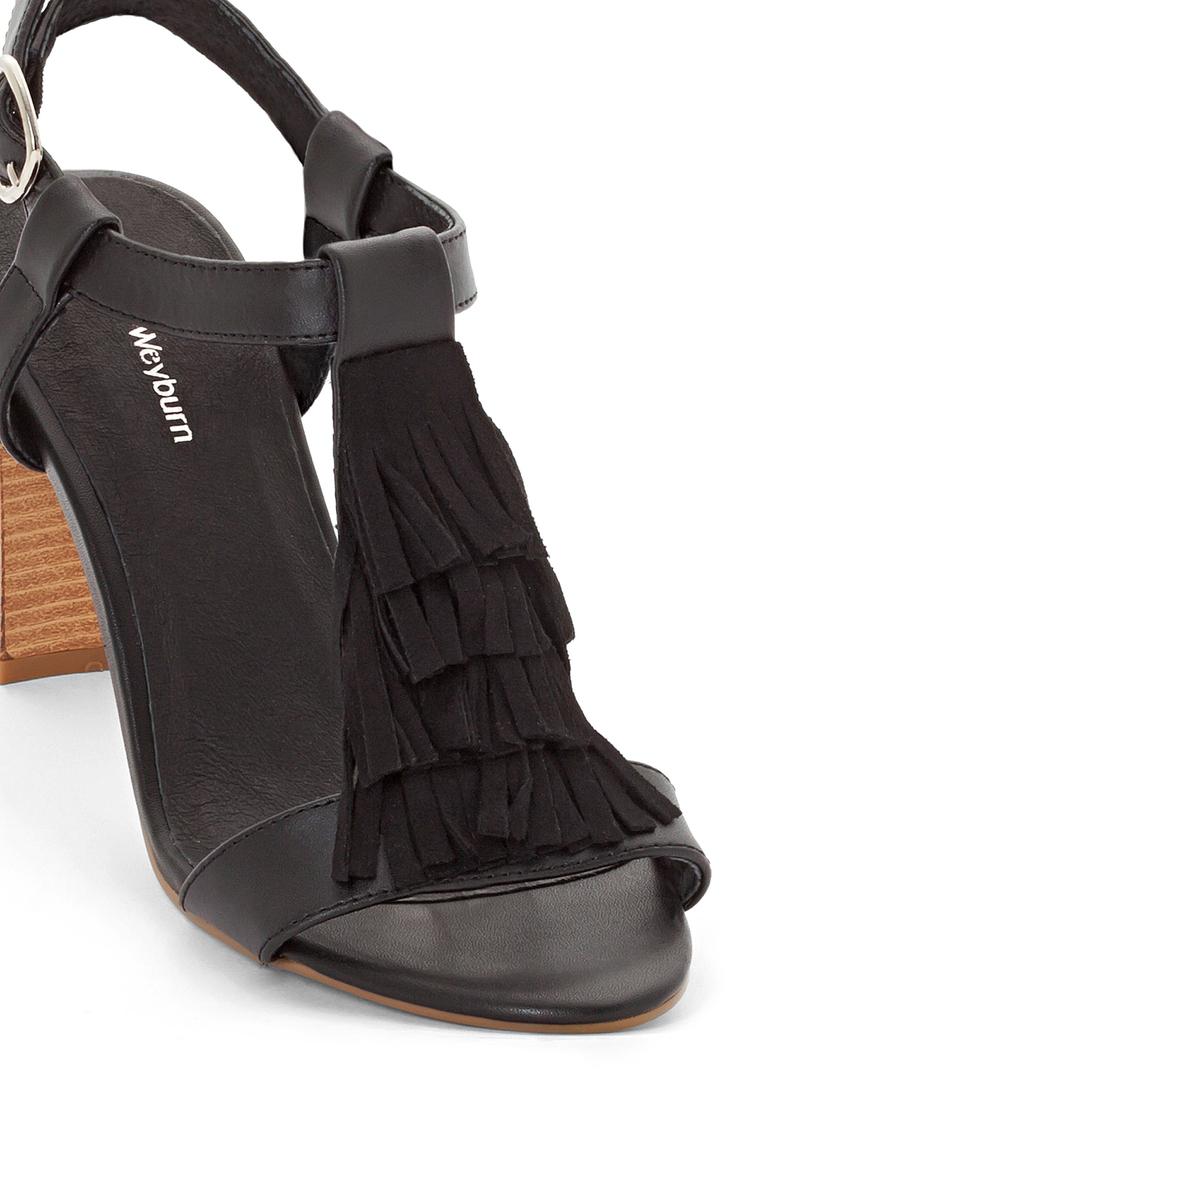 Босоножки кожаные с бахромой<br><br>Цвет: каштановый,черный<br>Размер: 41.37.38.37.39